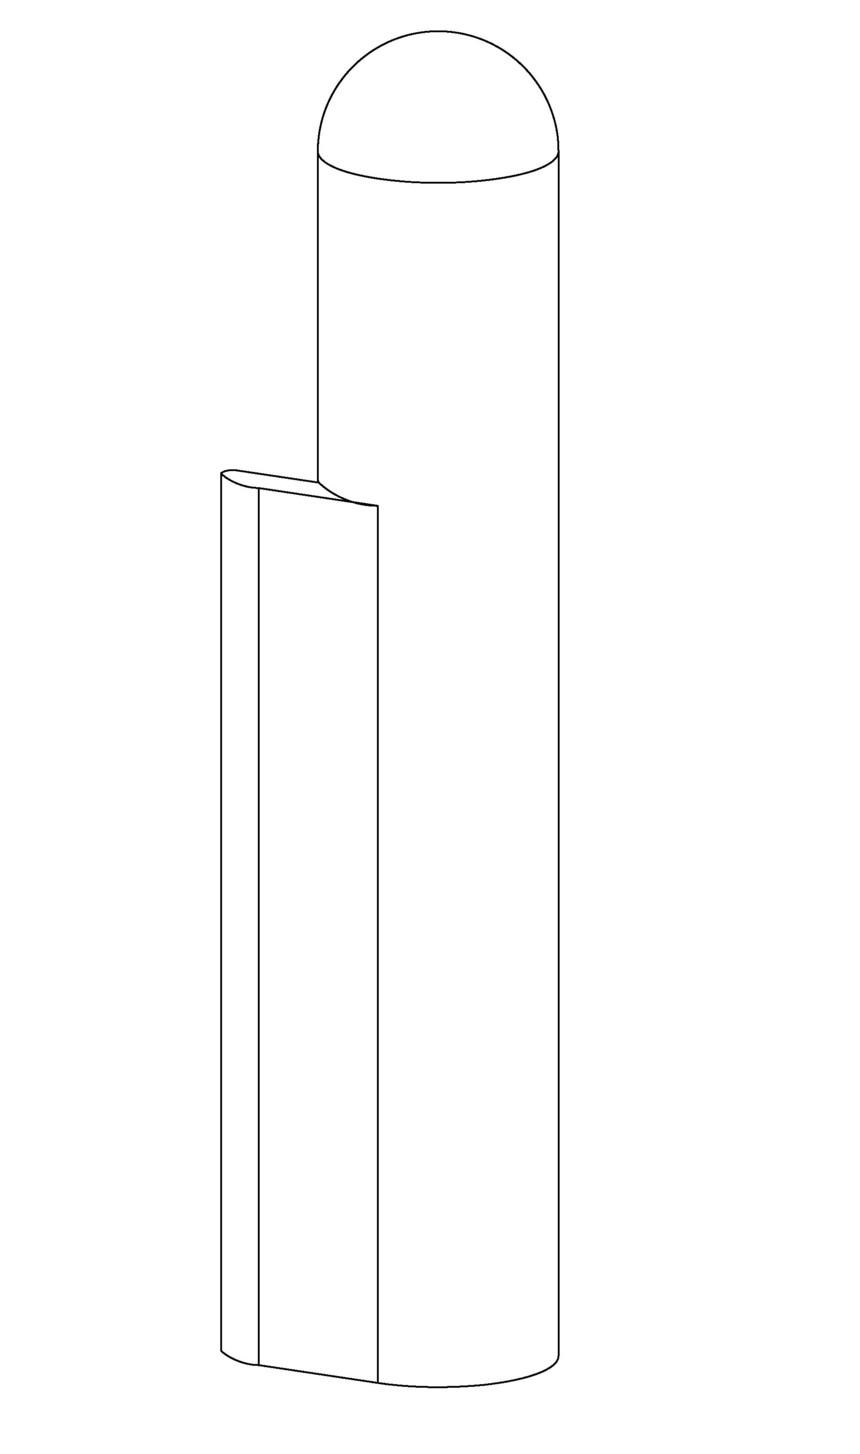 18- 011_下部铰链塑盖.jpg